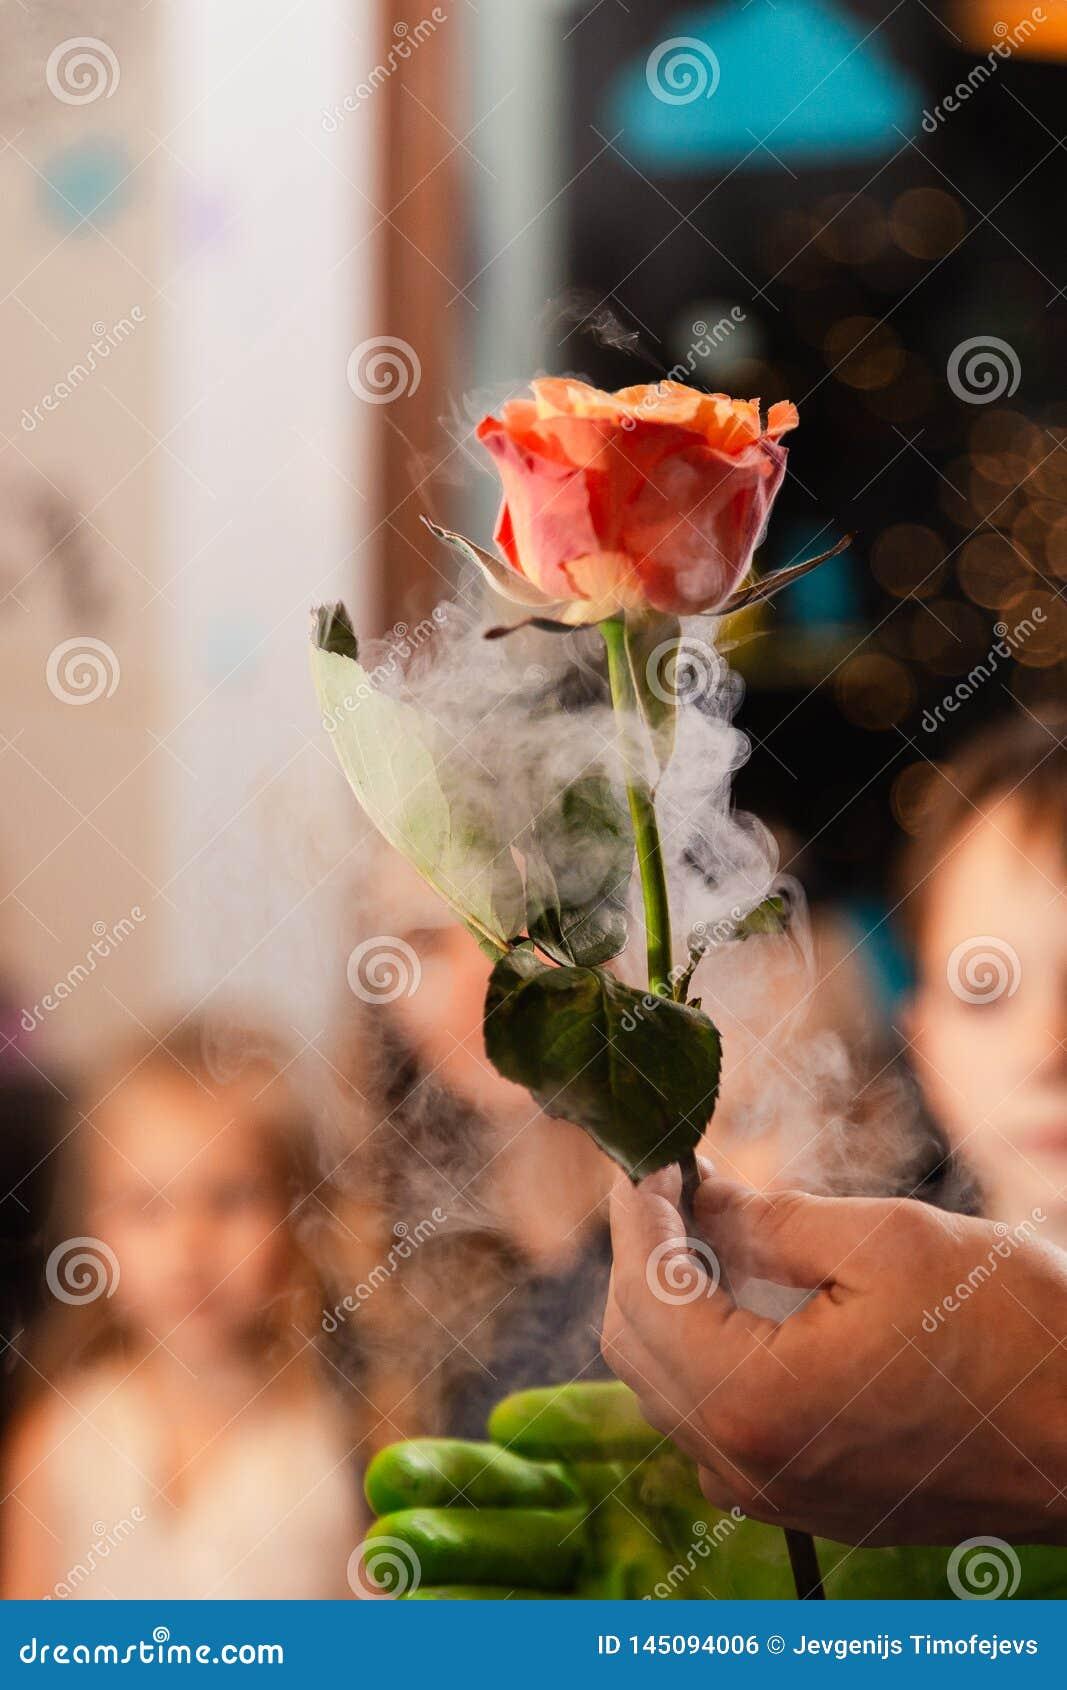 Rosa congelada en el nitrógeno líquido - partido de la decoración del cumpleaños de los niños para los niños